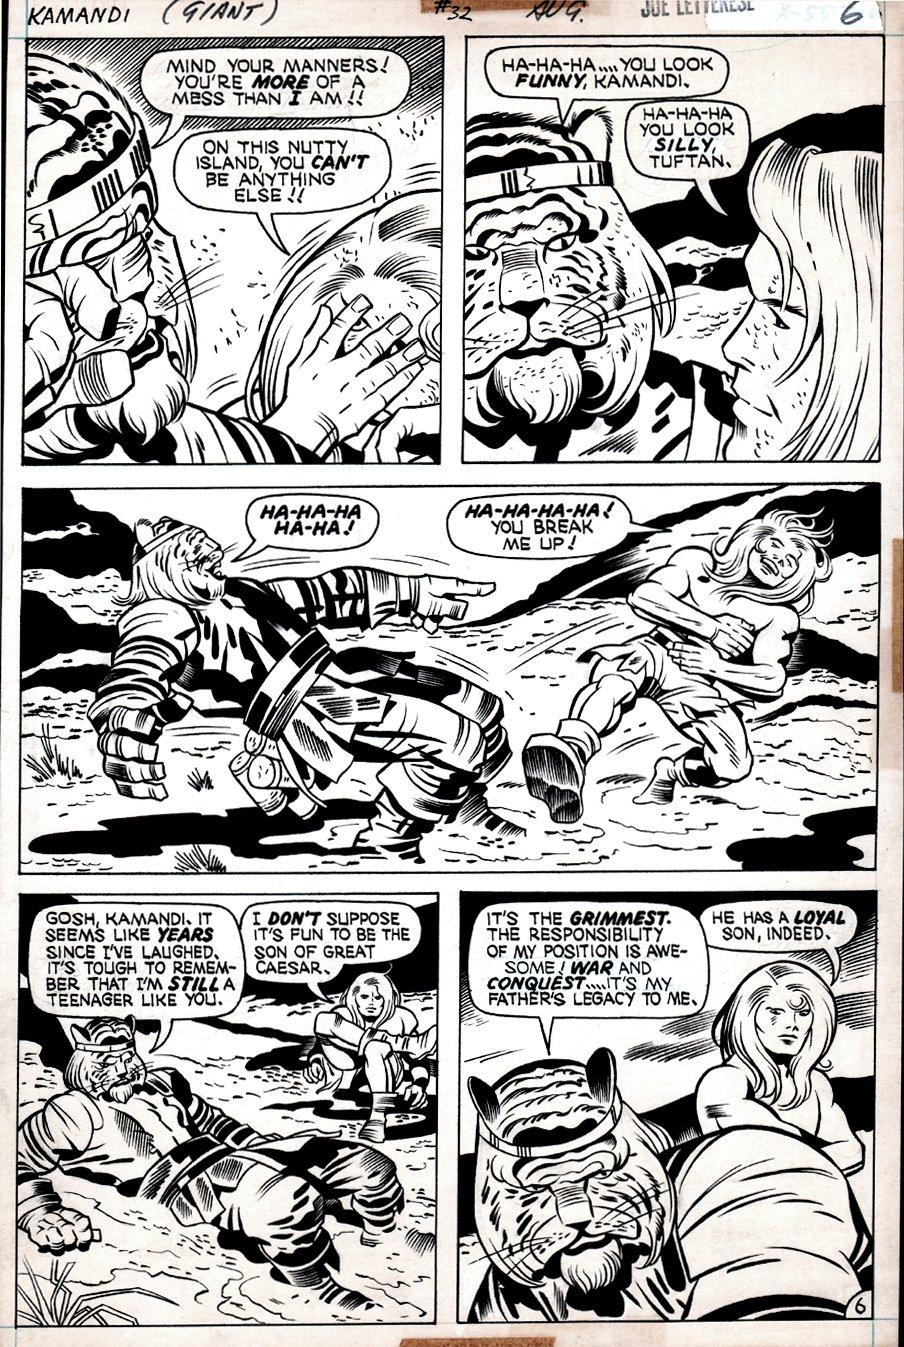 Kamandi #32 p 6 (Kamandi In EVERY PANEL, Beastmen!) 1975